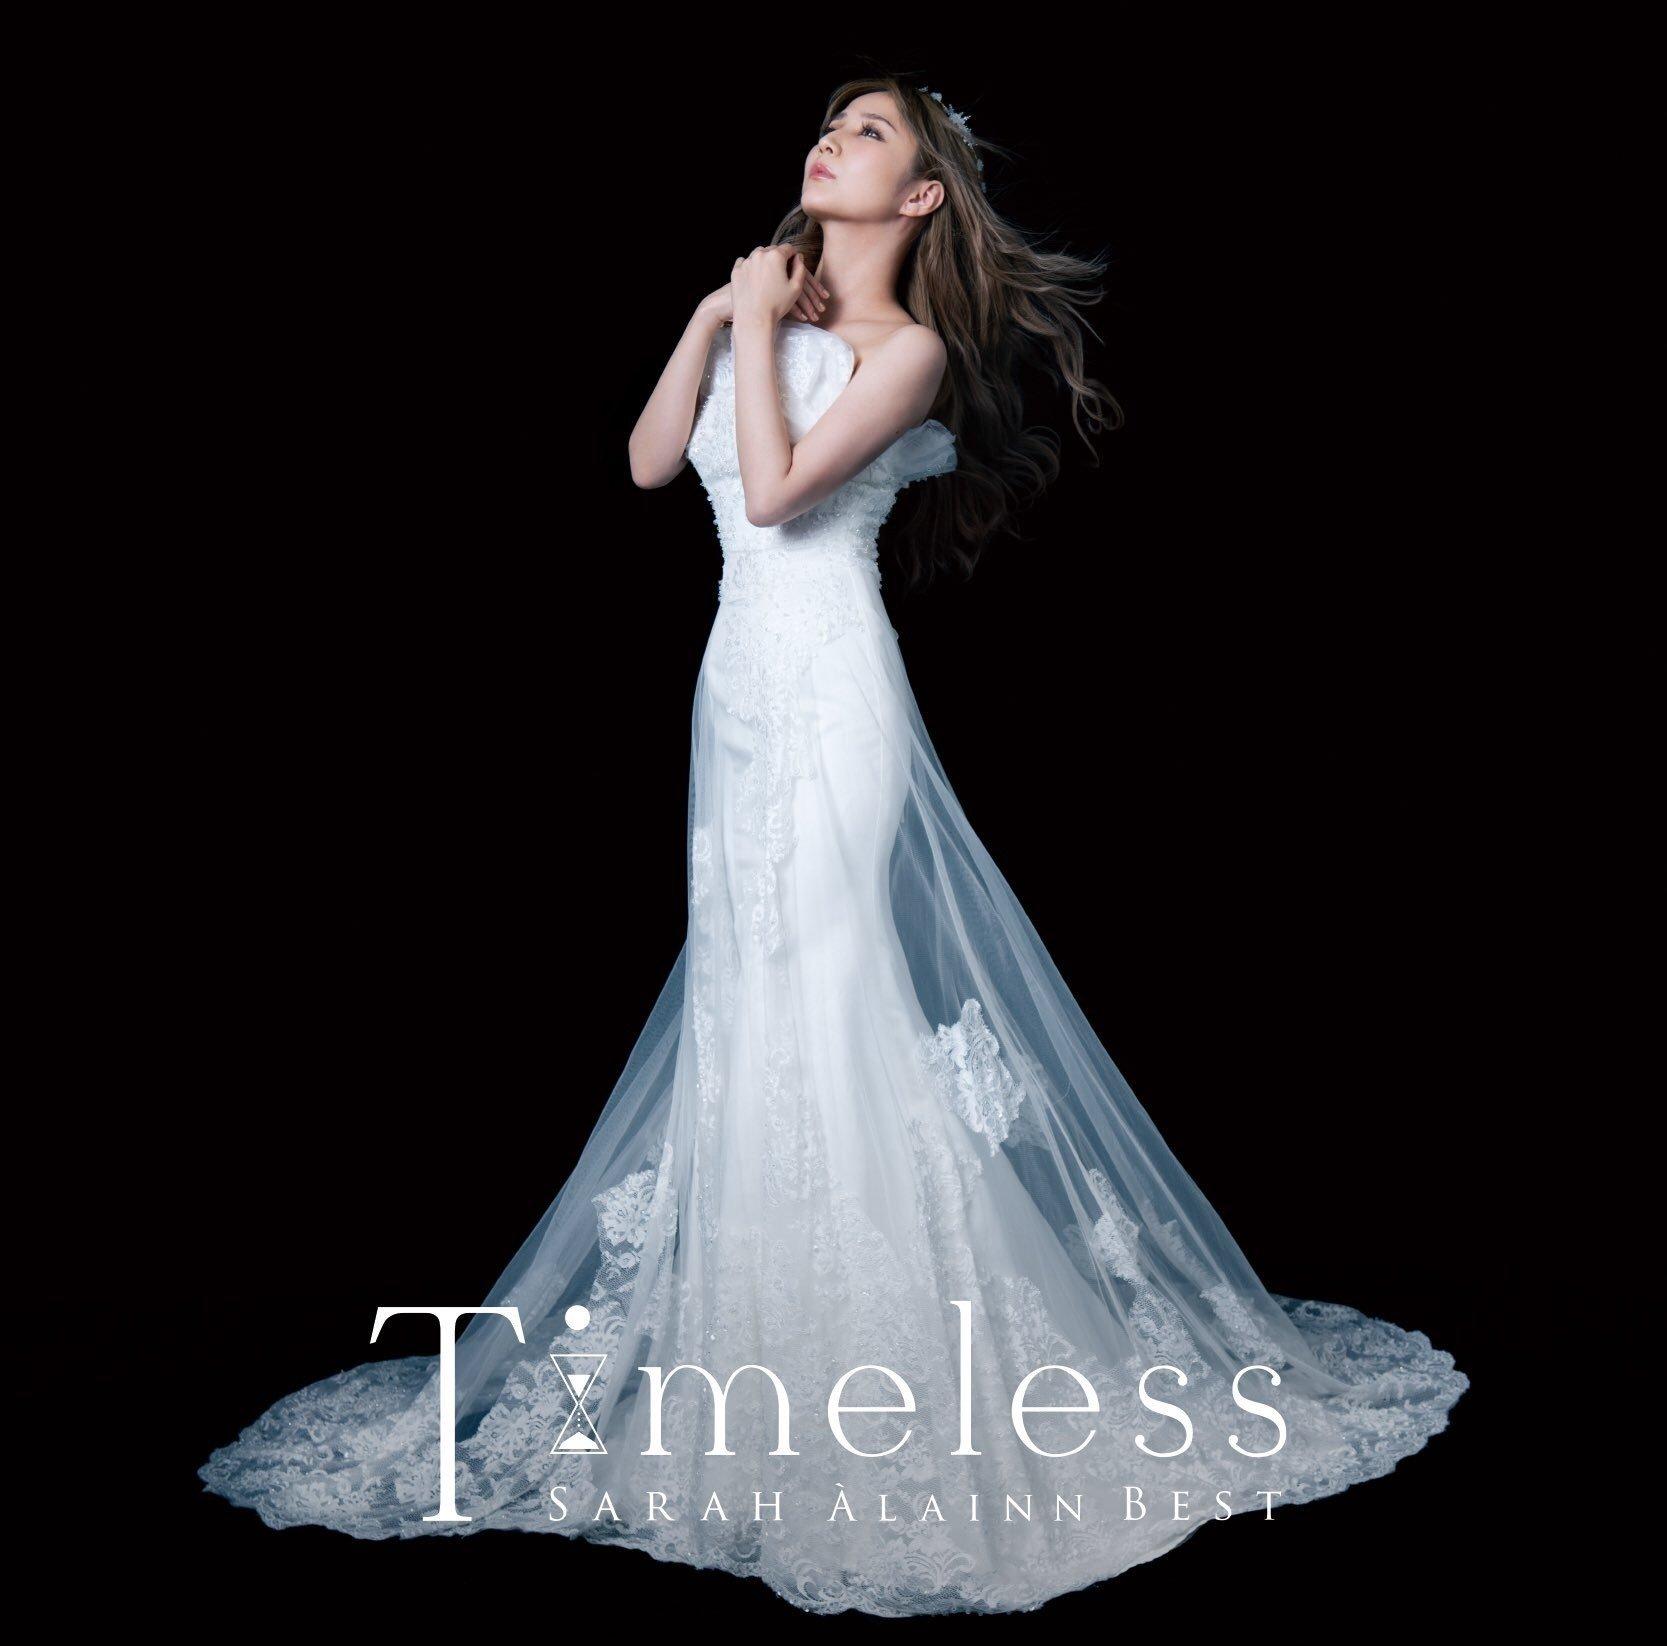 Sarah Alainn (サラ・オレイン) – Timeless ~Sarah Alainn Best [FLAC / 24bit Lossless / WEB] [2018.10.17]